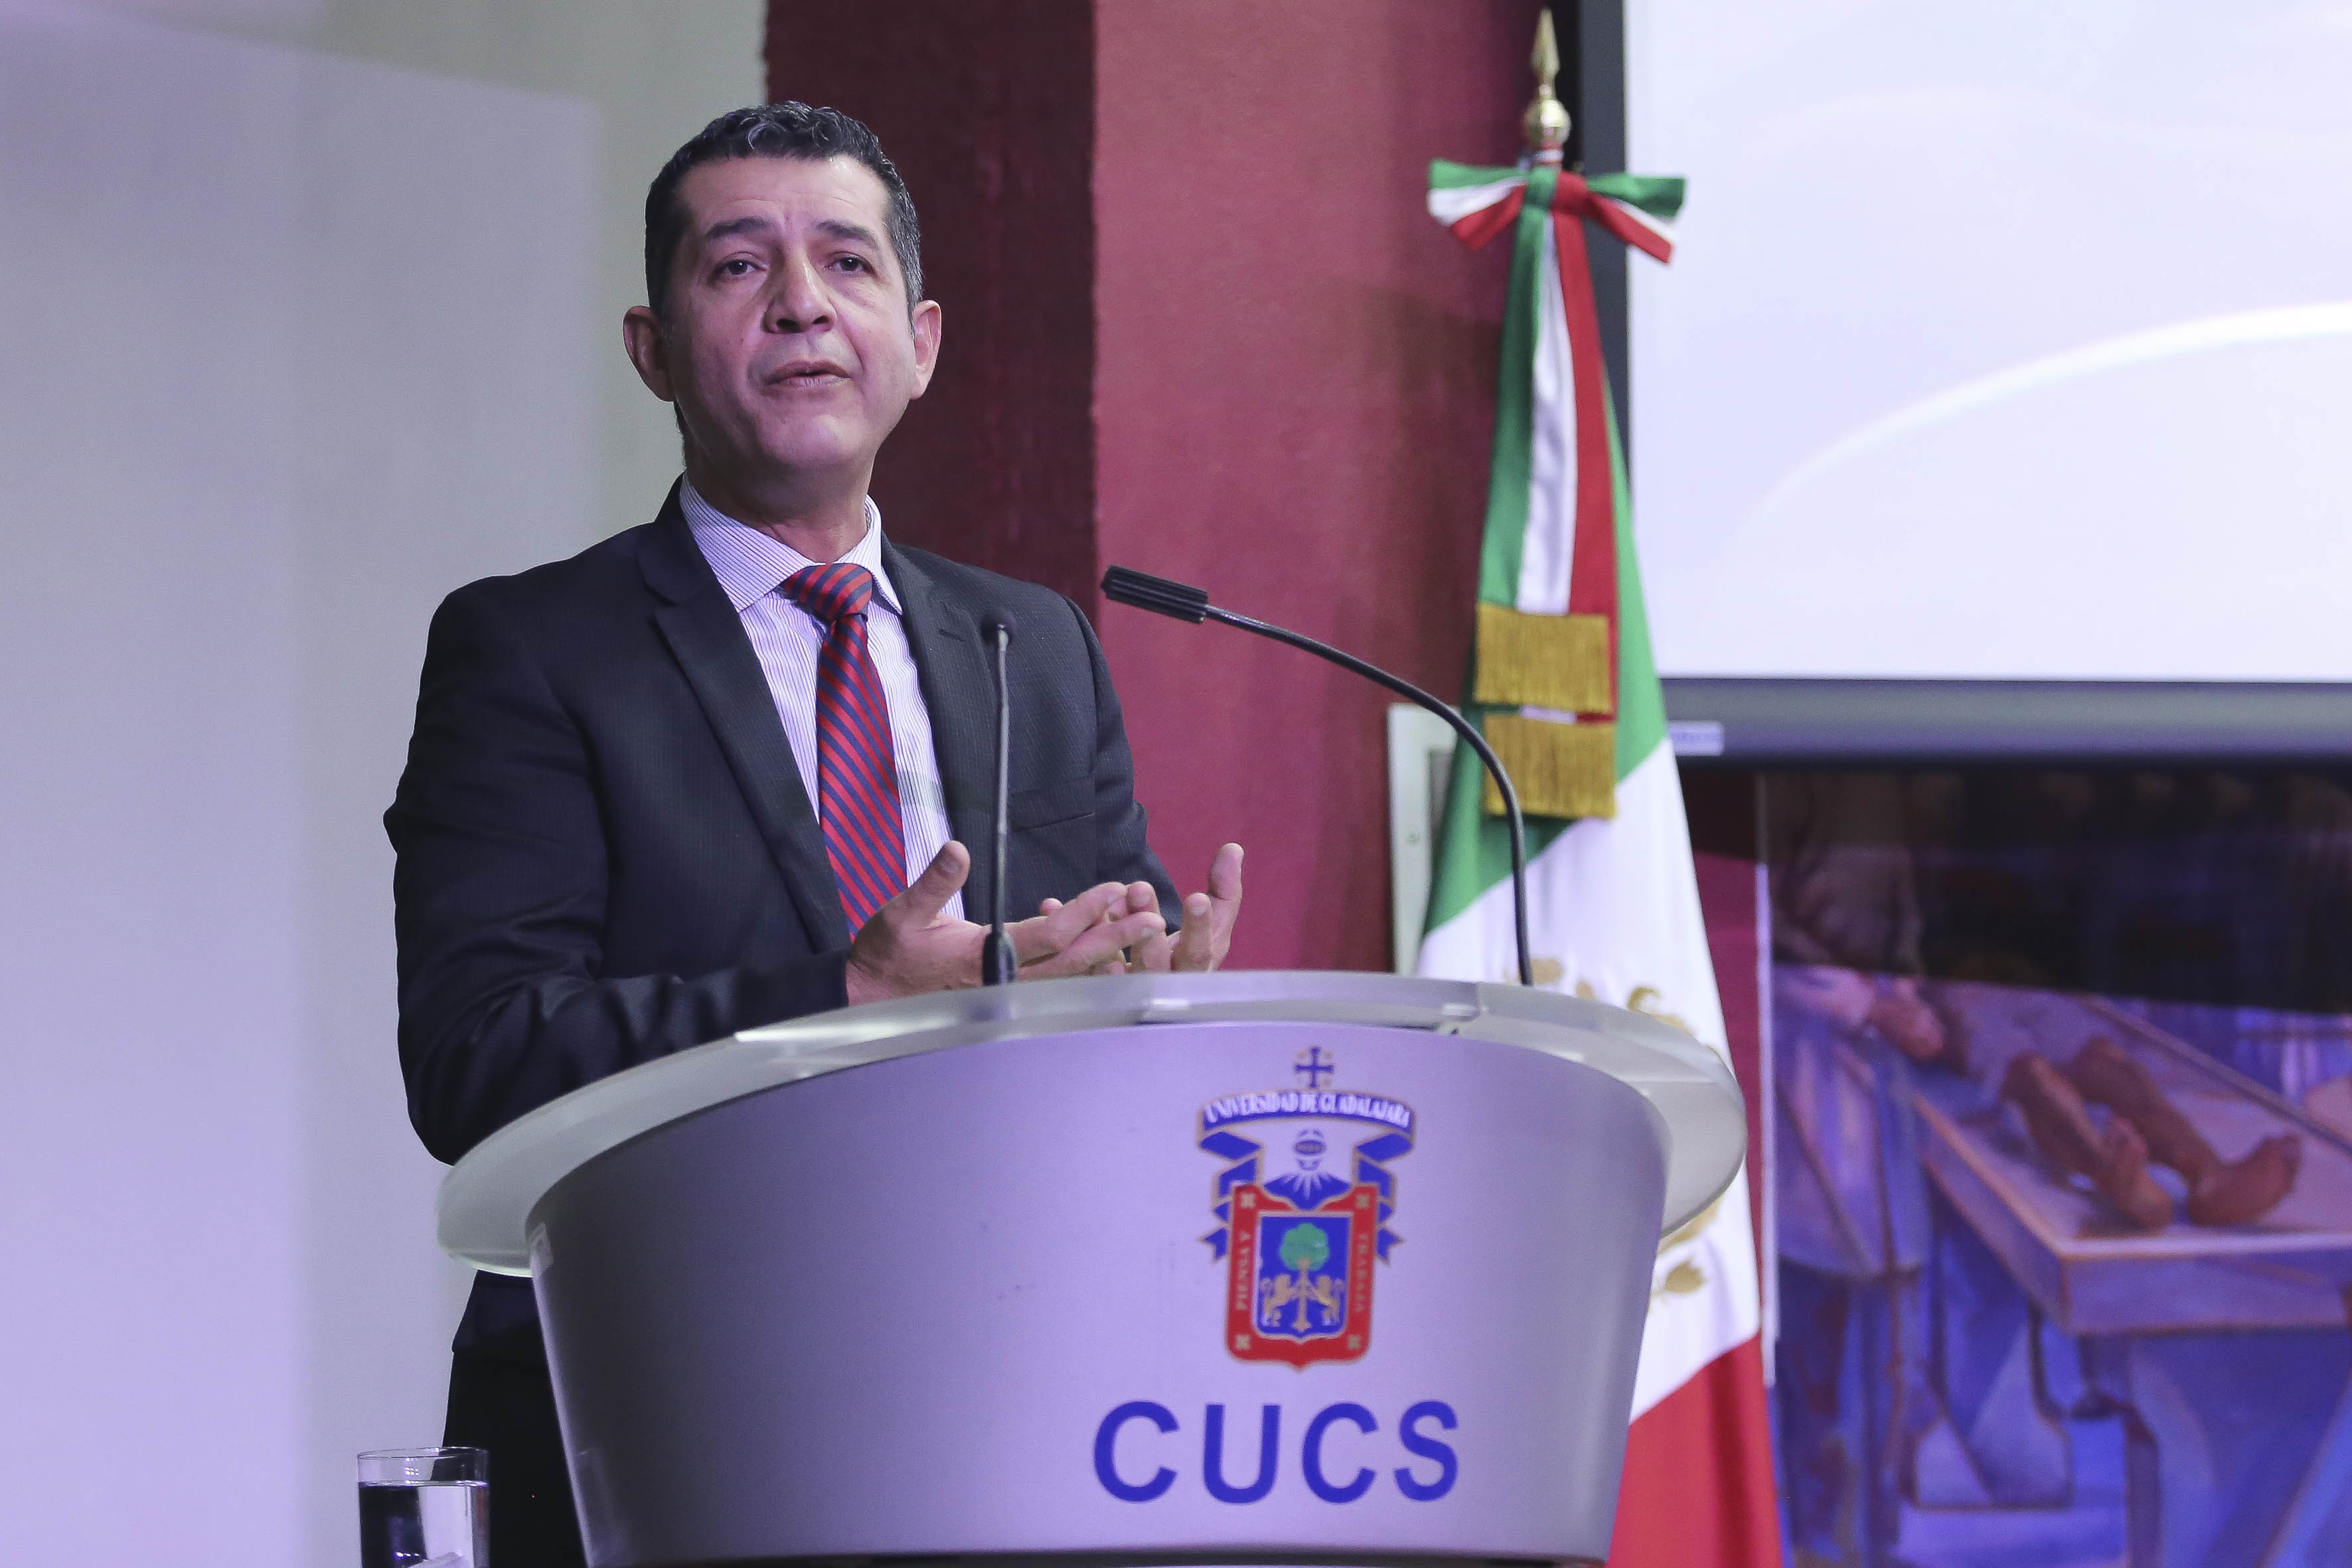 Director General de Educación Superior Investigación y Posgrado de la Secretaría de Innovación, Ciencia y Tecnología del Estado de Jalisco, Mtro.  Luis Gustavo Padilla Montes, en el podio